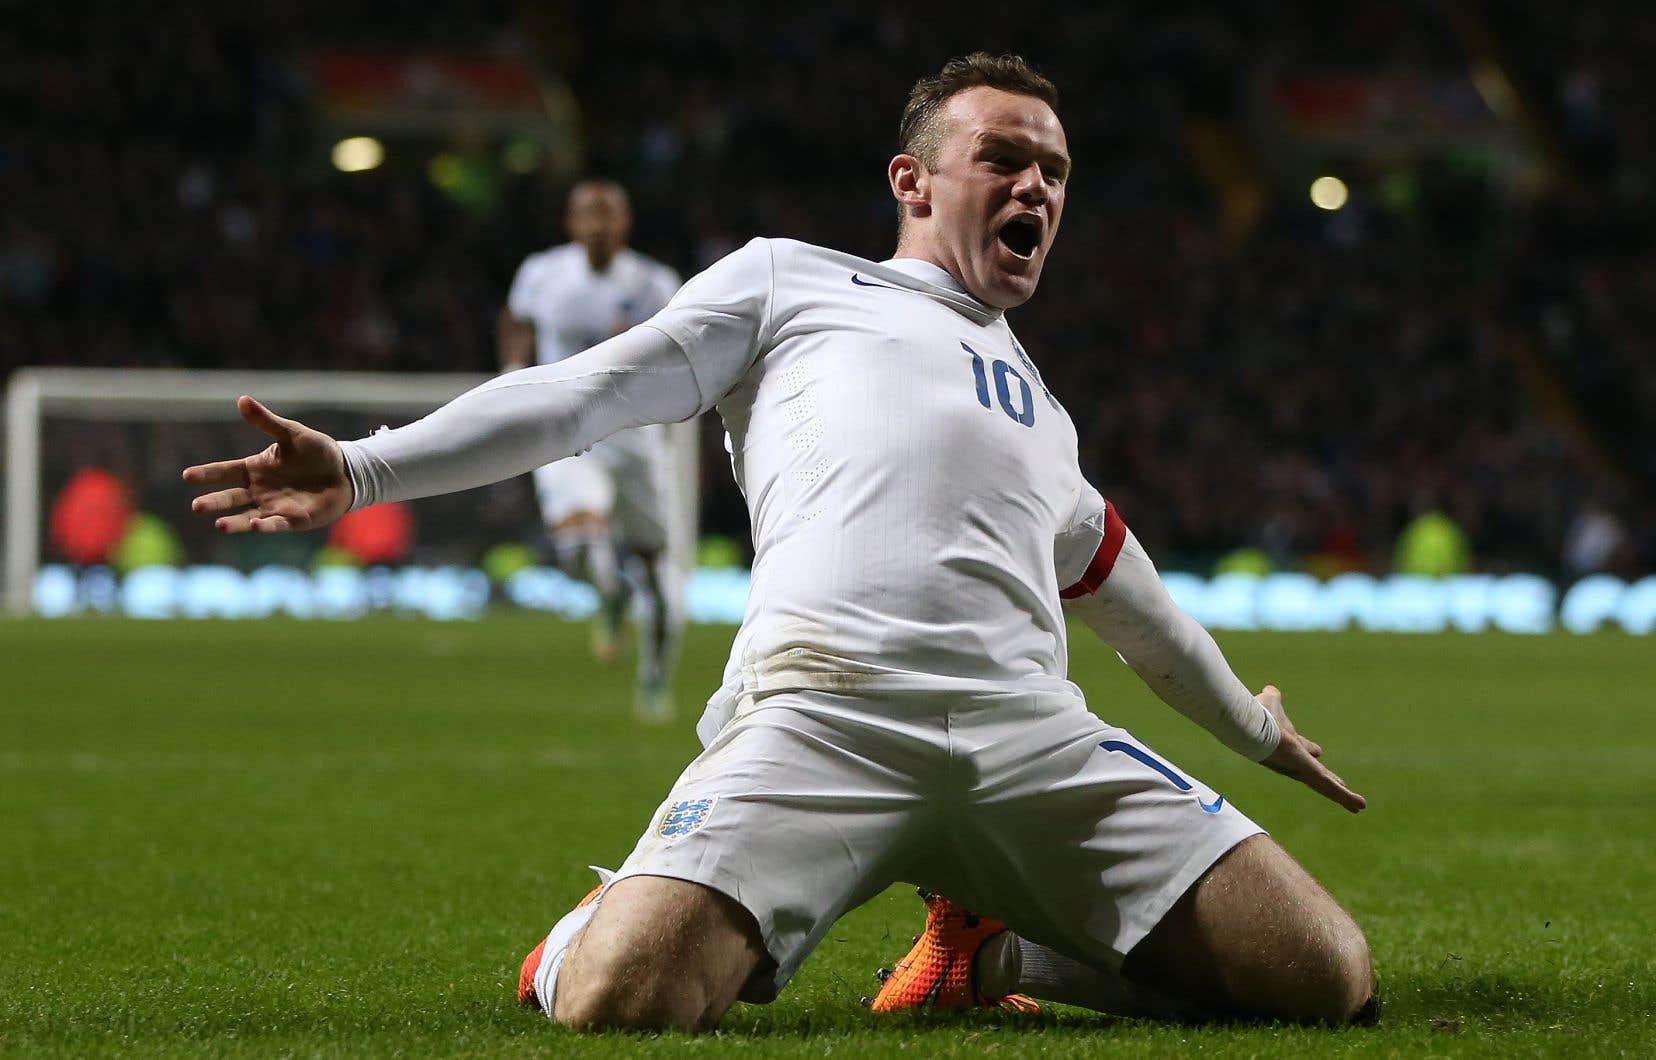 Wayne Rooney, qui a officialisé vendredi sa retraite, termine sa carrière en étant meilleur buteur de l'histoire de Manchester United et de l'Angleterre.